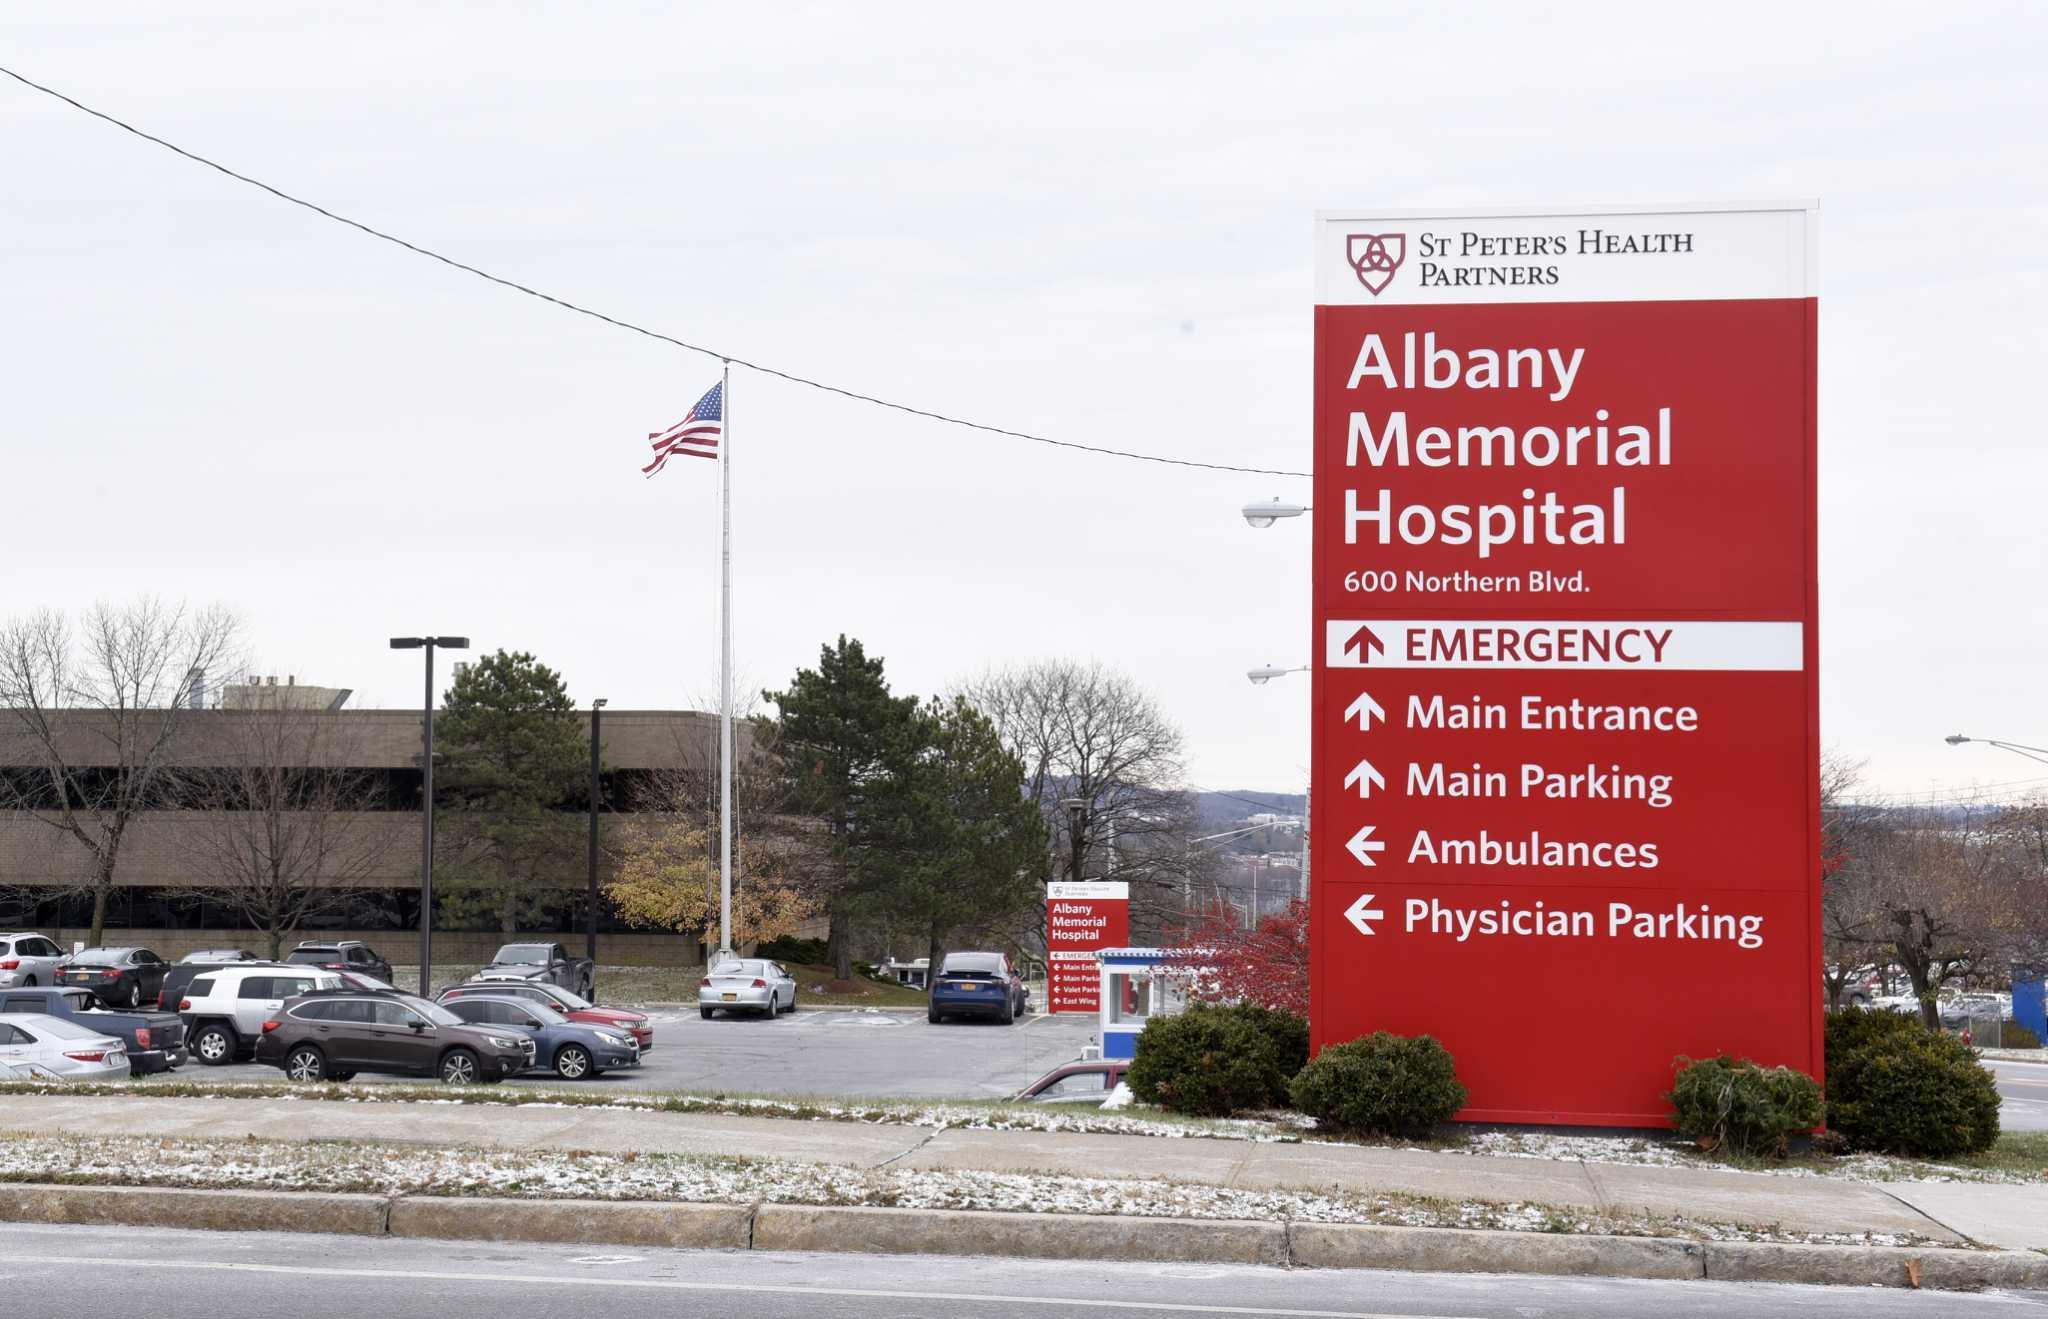 St. Peter's pursues Albany Memorial, Samaritan hospital merger